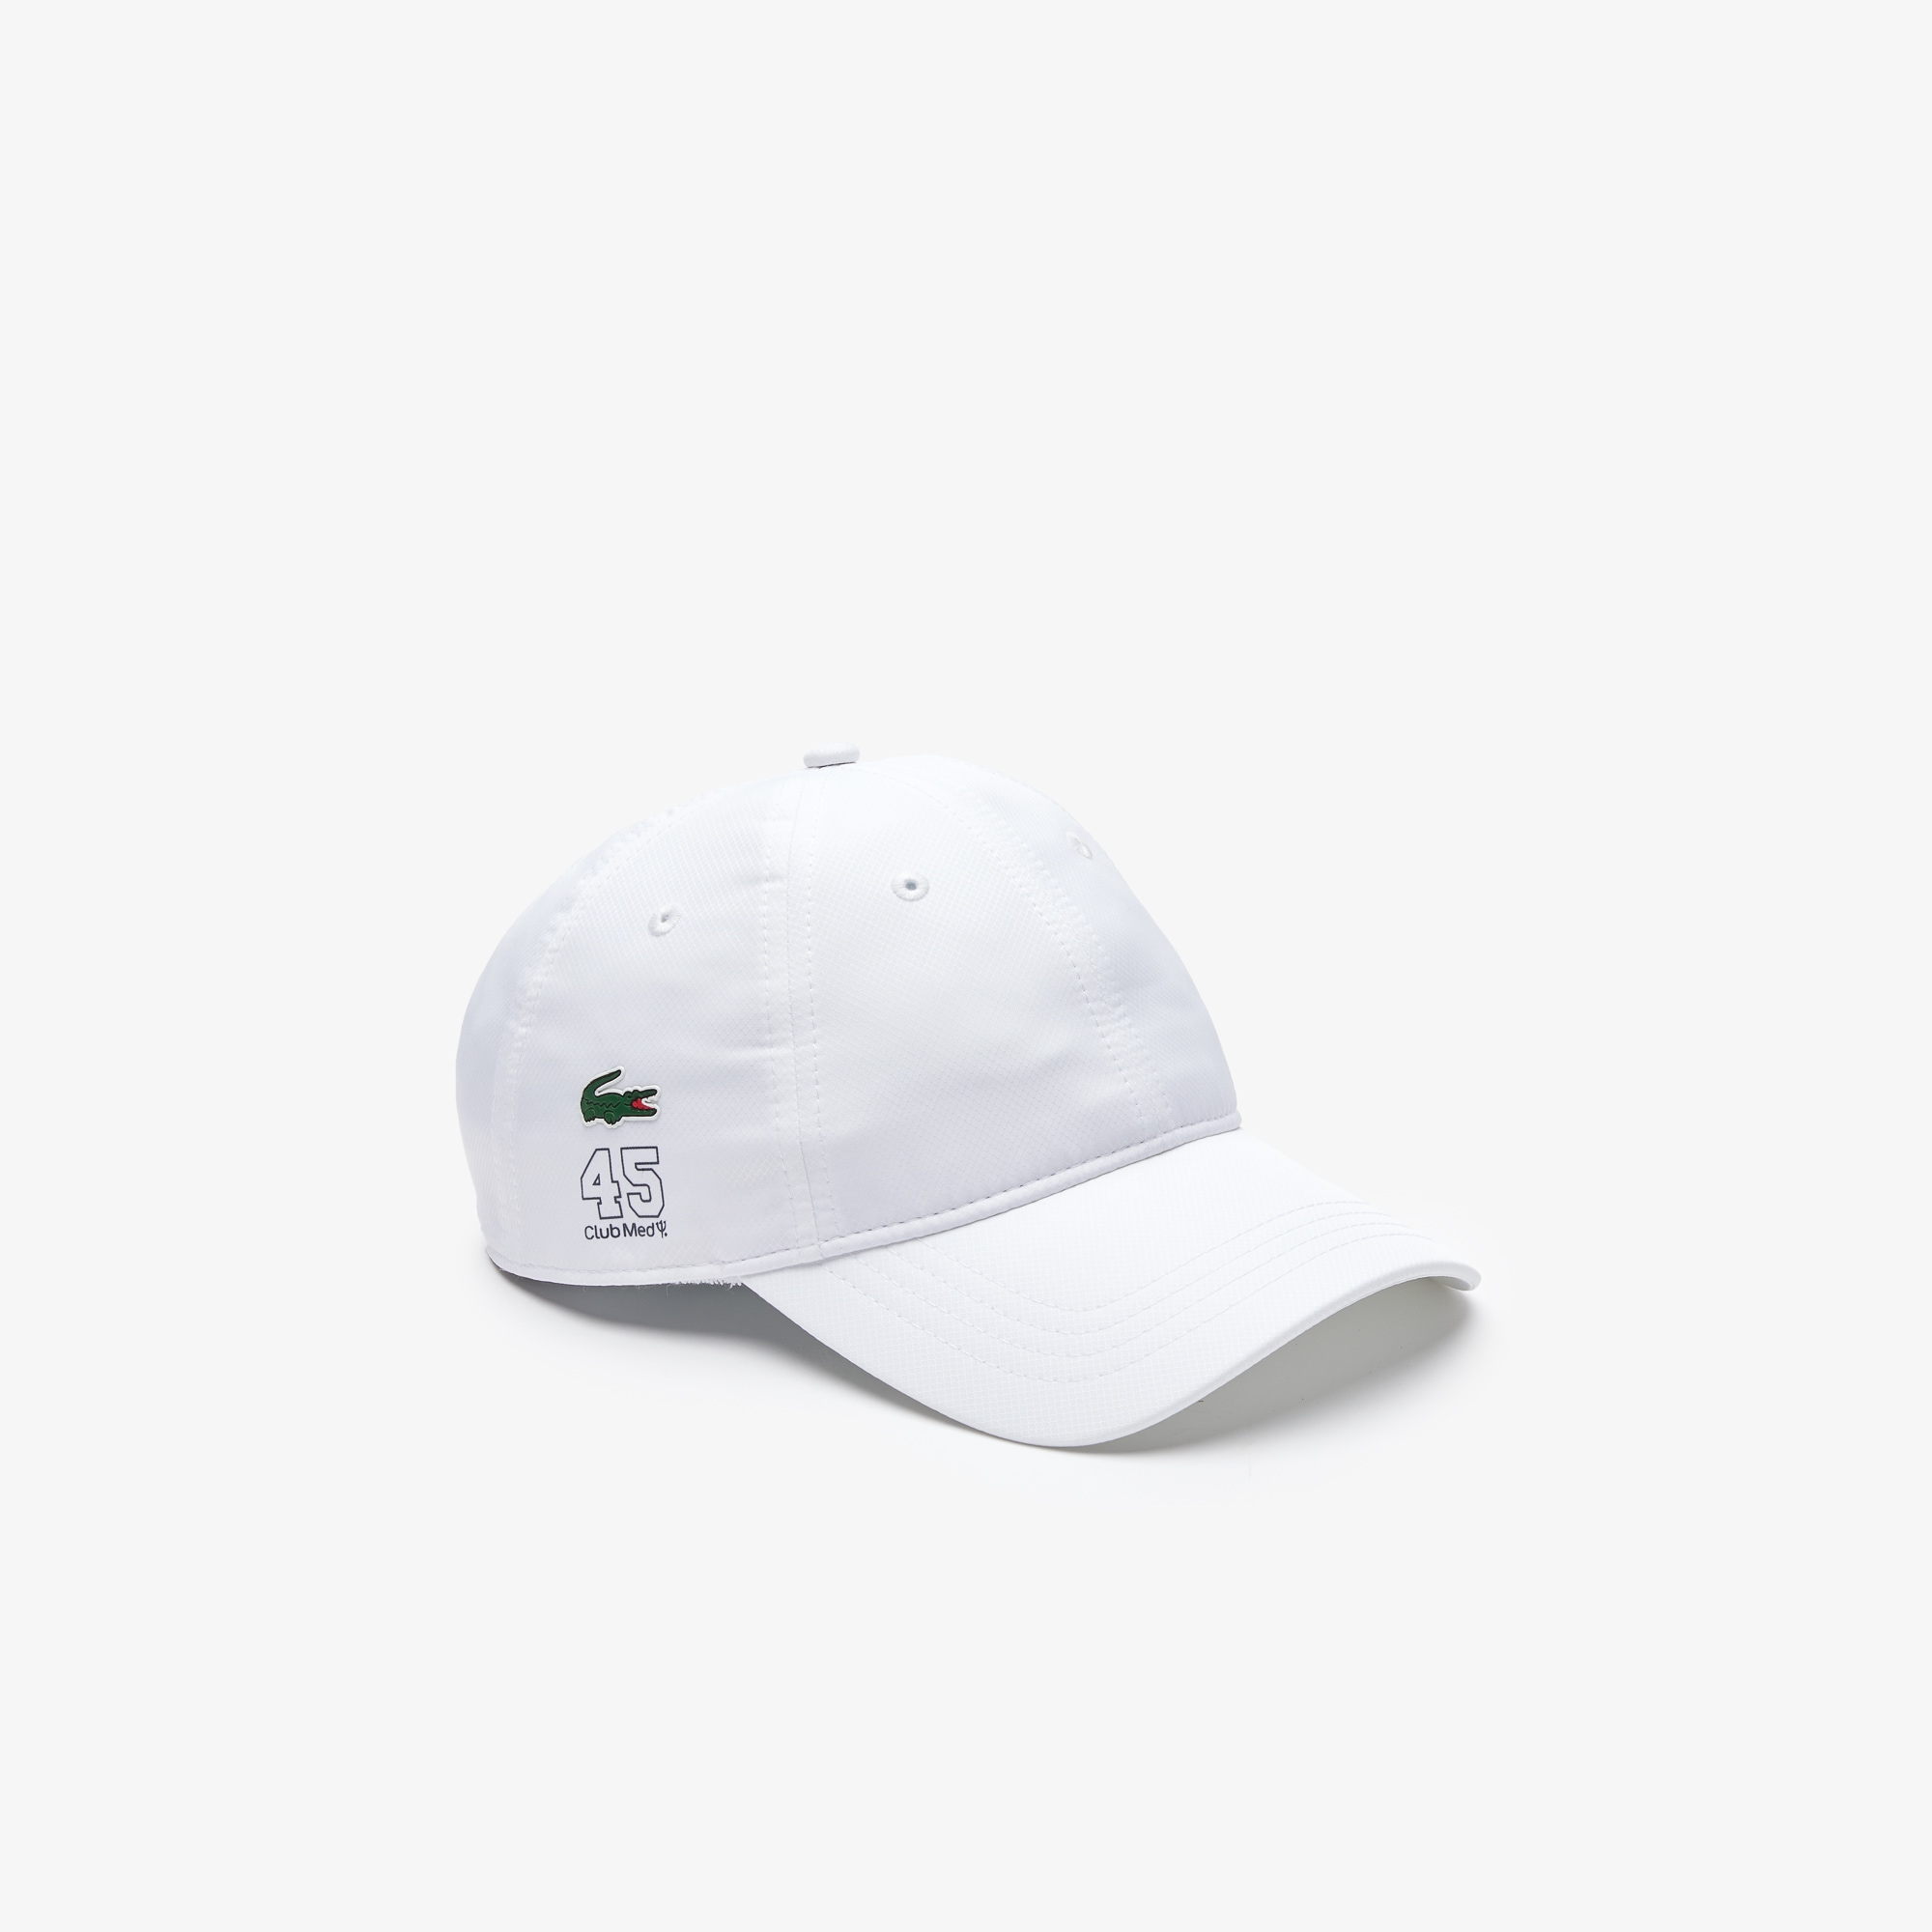 Gorras y sombreros  f5db00c24260